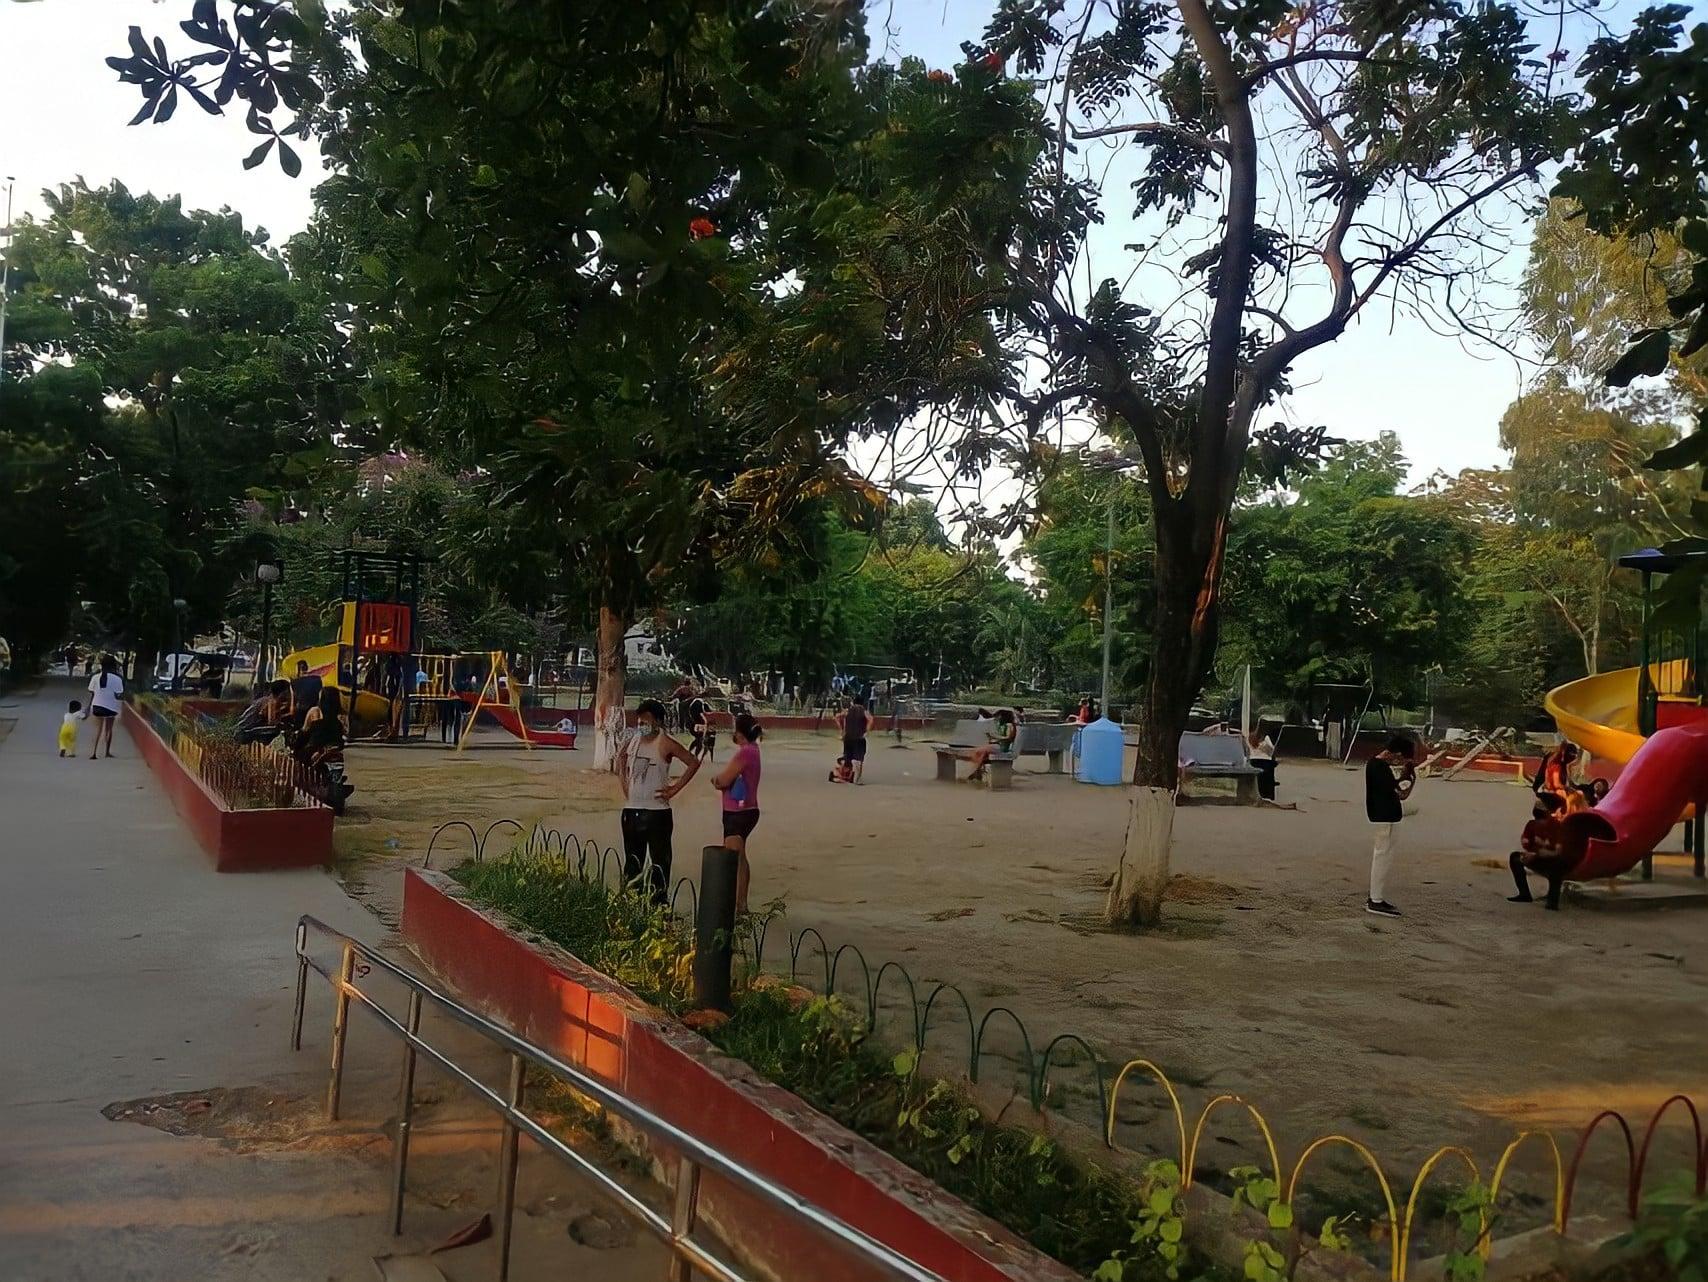 Samonte Park in Cavite City